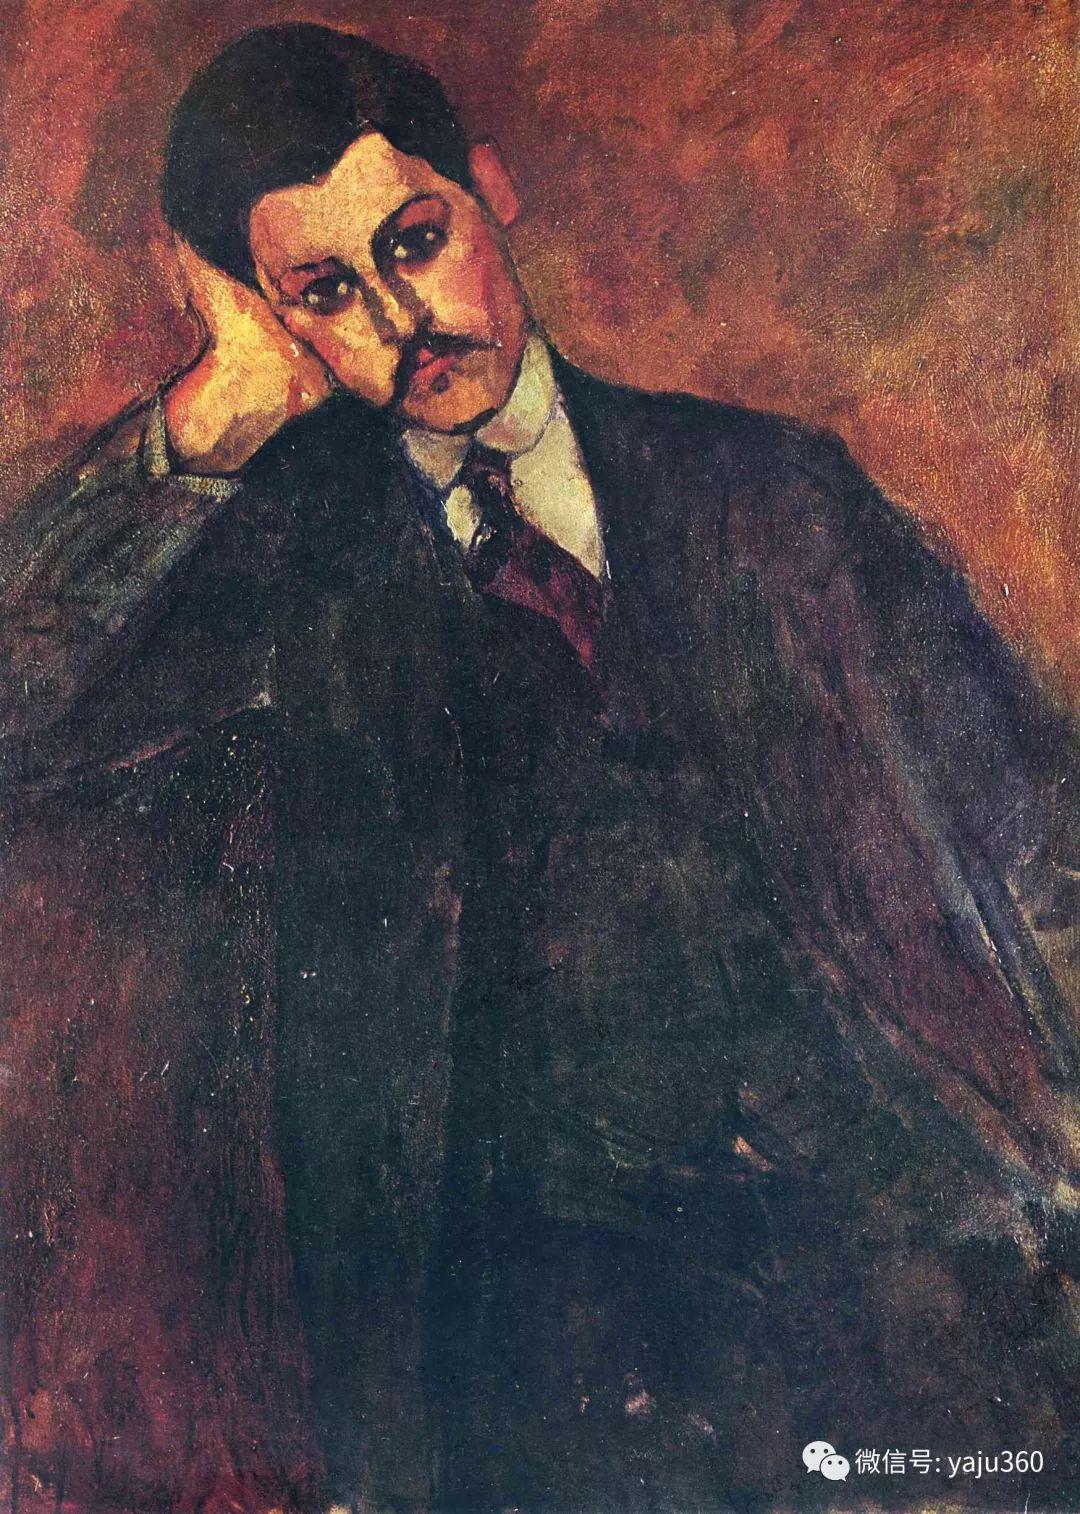 世界著名画家之莫迪利阿尼插图53